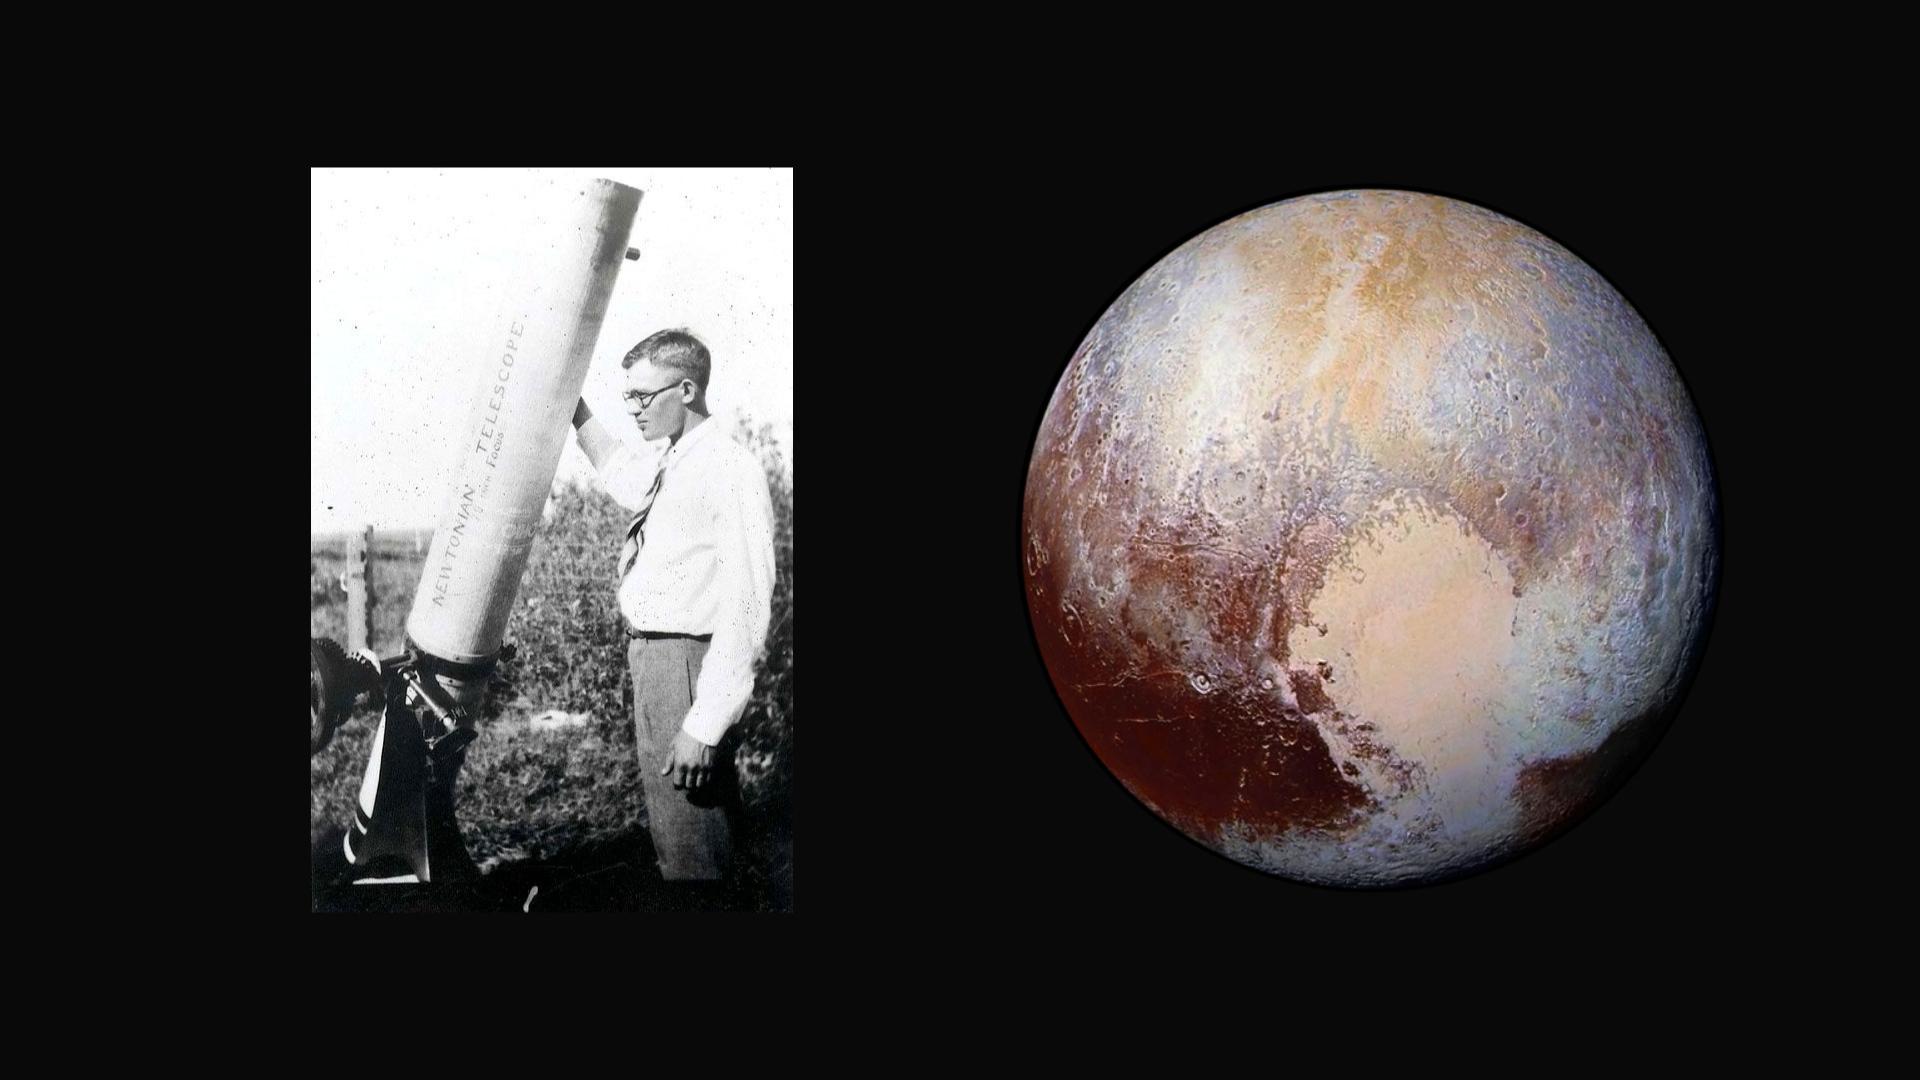 Comment Pluton a-t-elle été découverte il y a 91 ans ? - Numerama